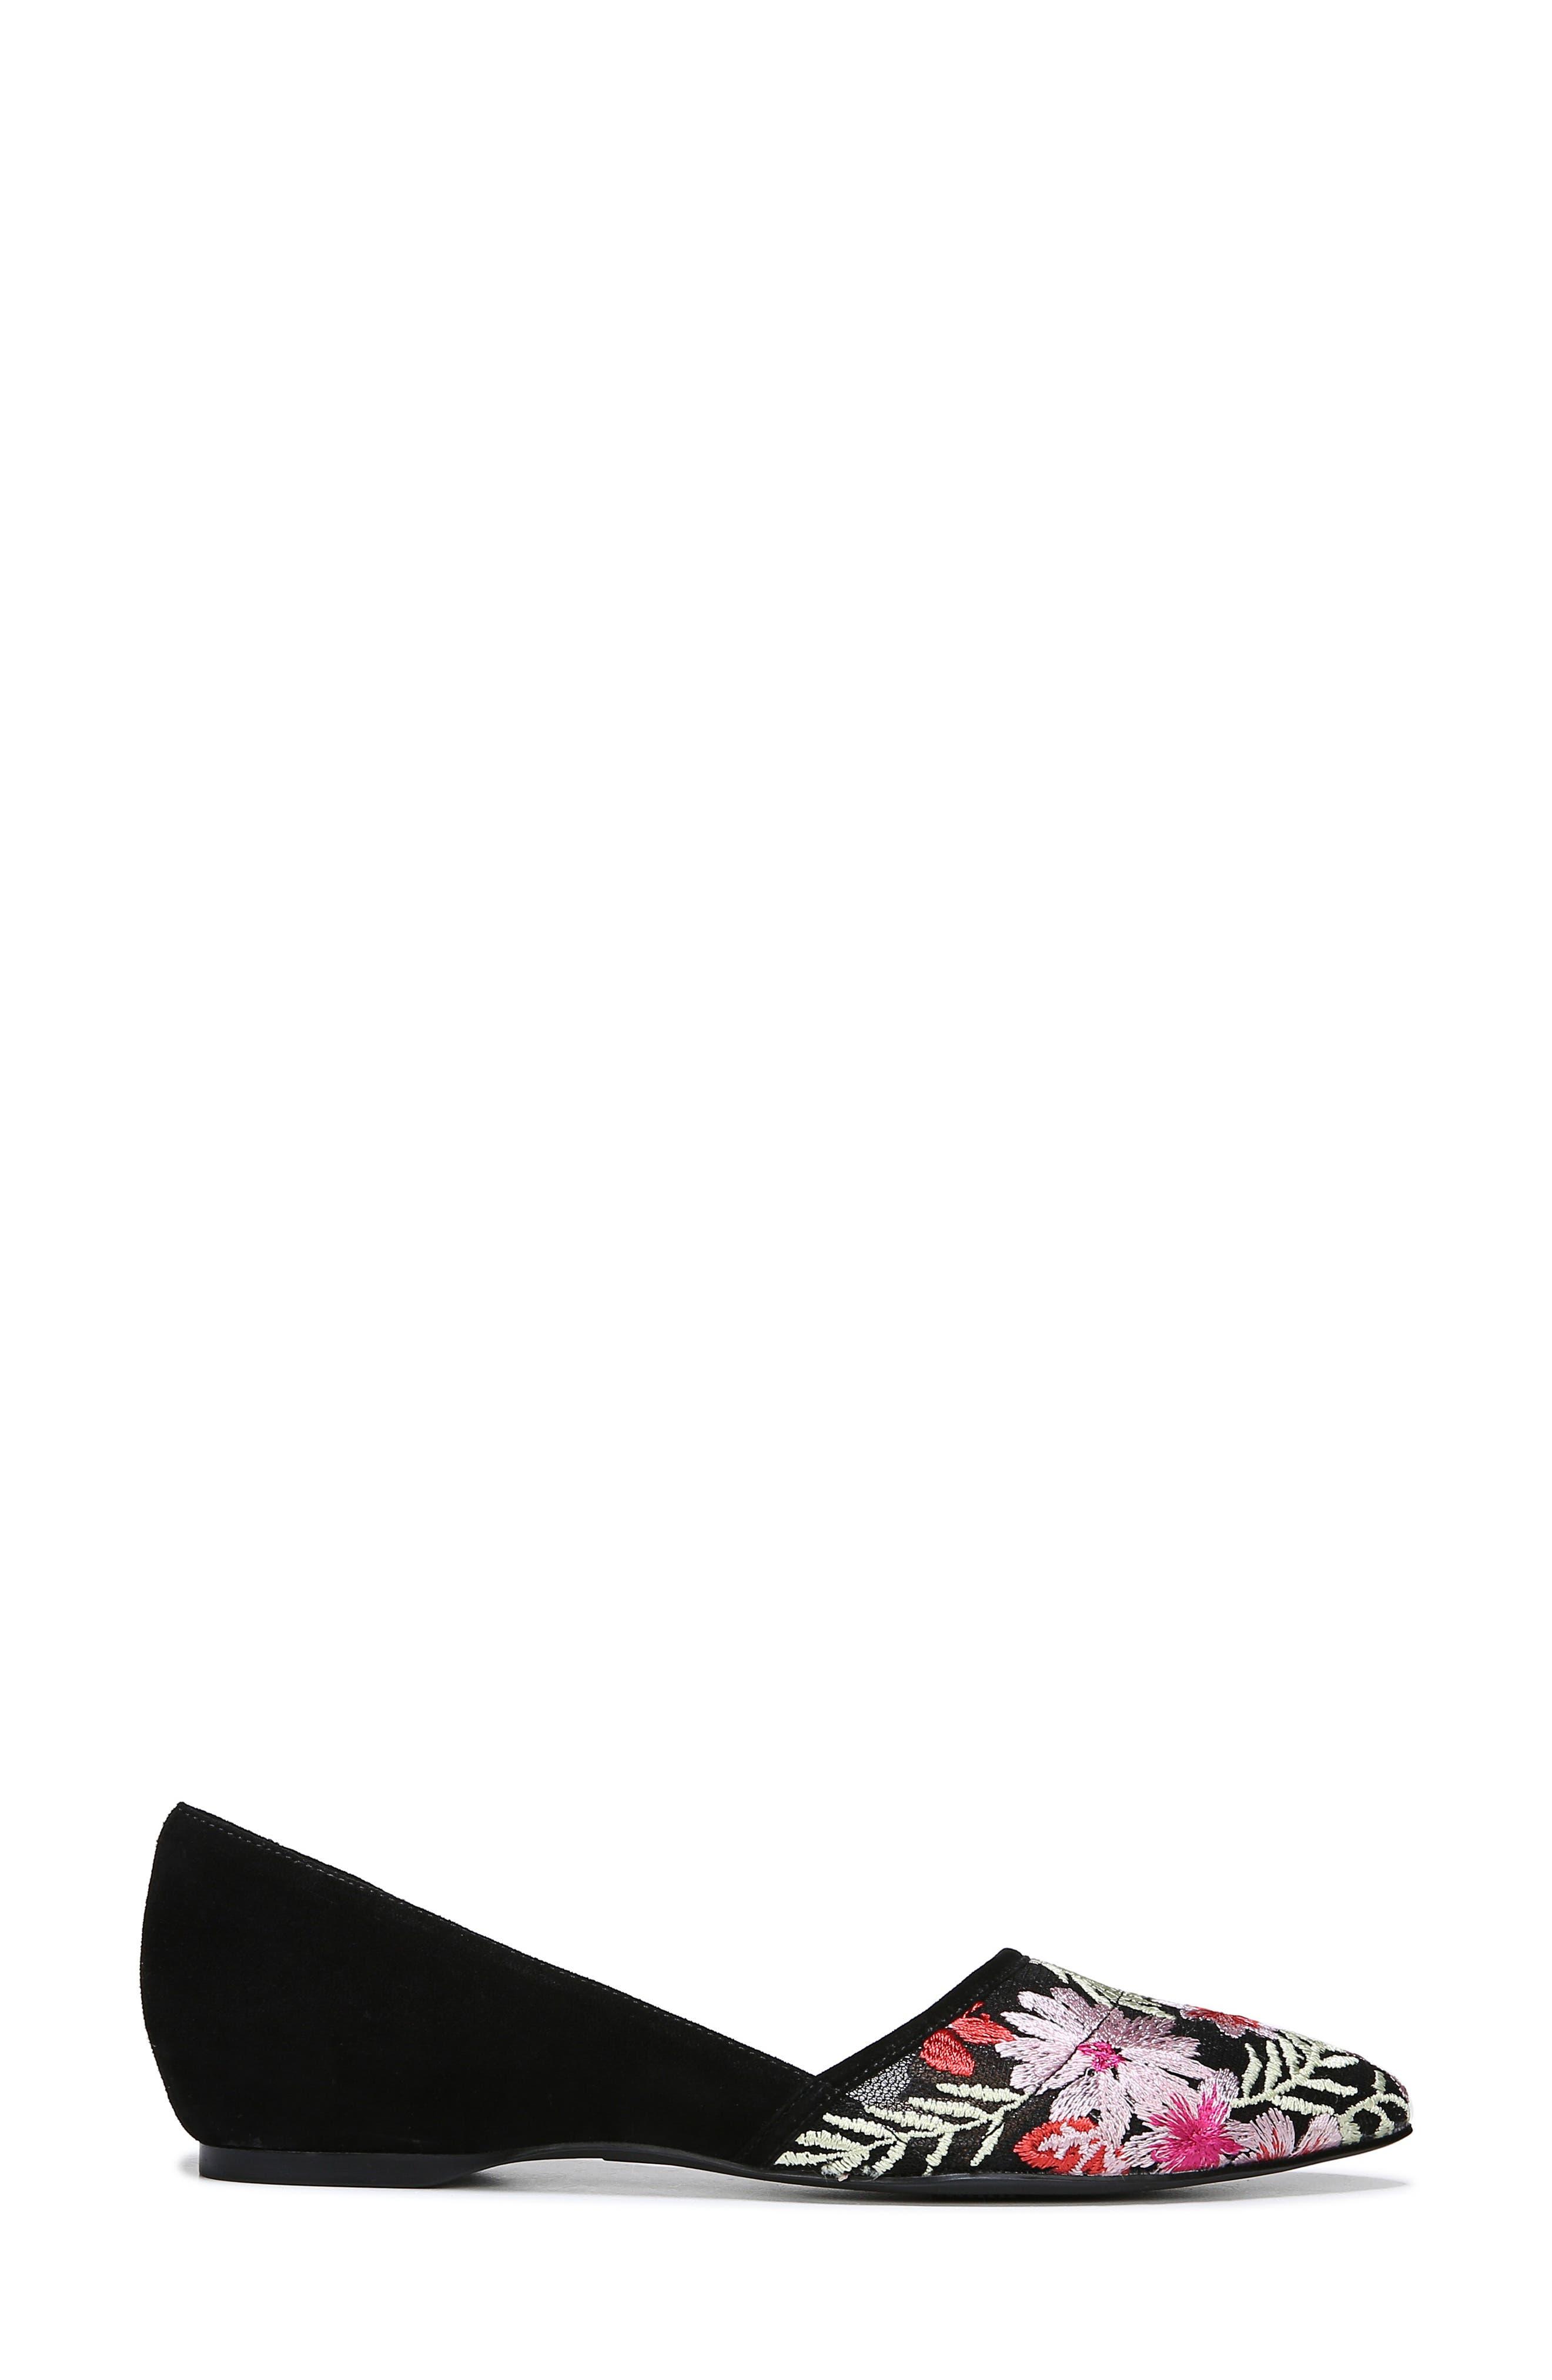 NATURALIZER, Samantha Half d'Orsay Flat, Alternate thumbnail 3, color, BLACK FLORAL SUEDE